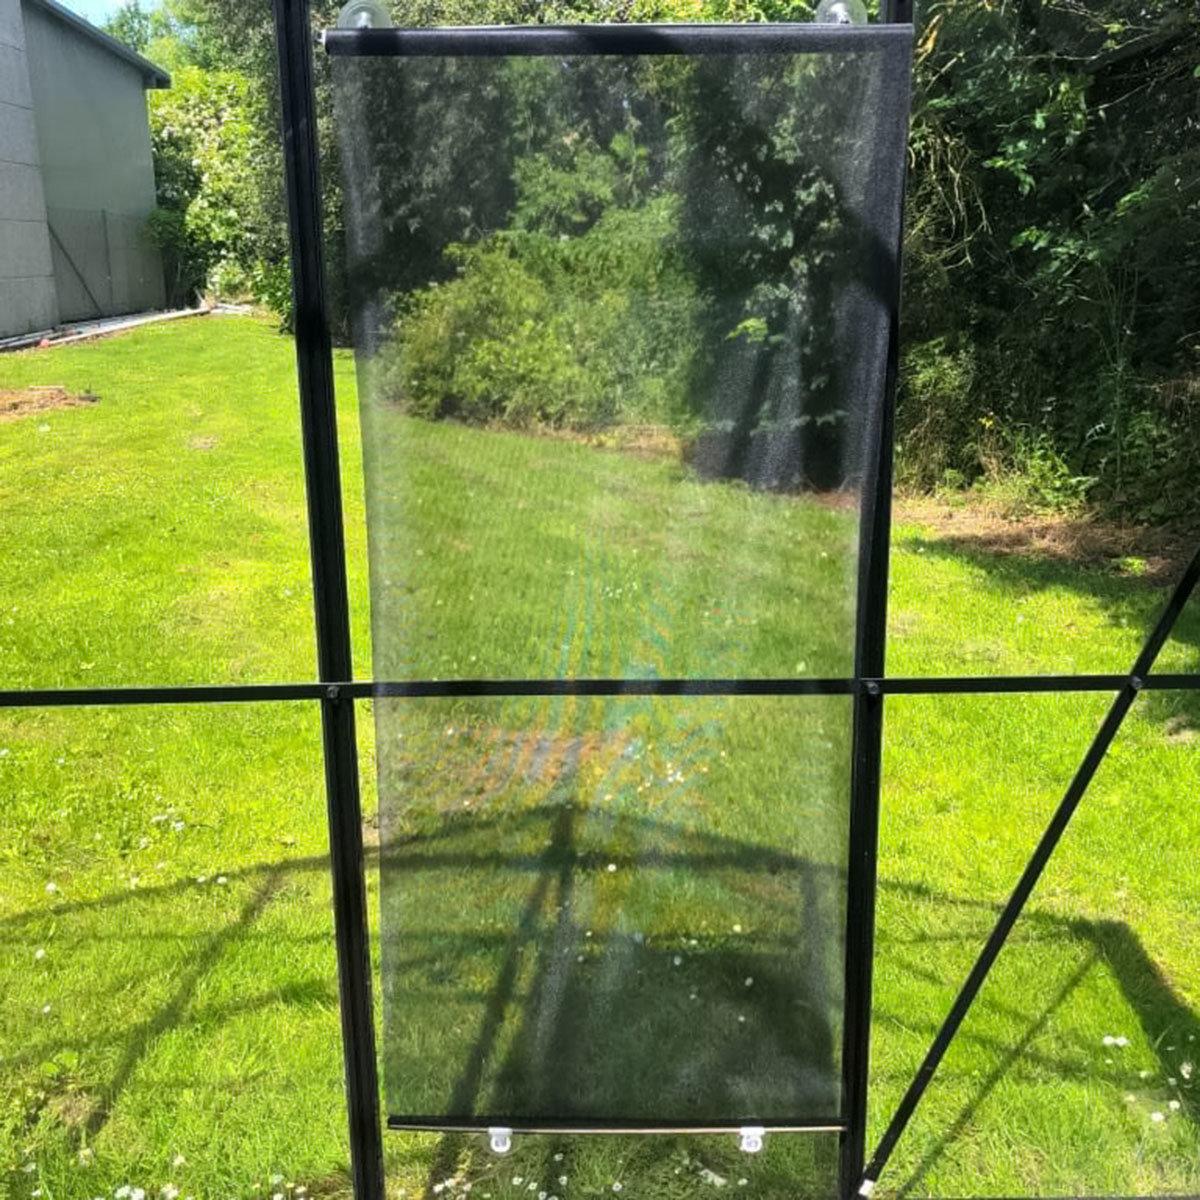 Schattenrollo 2er-set, 60cm x 200cm